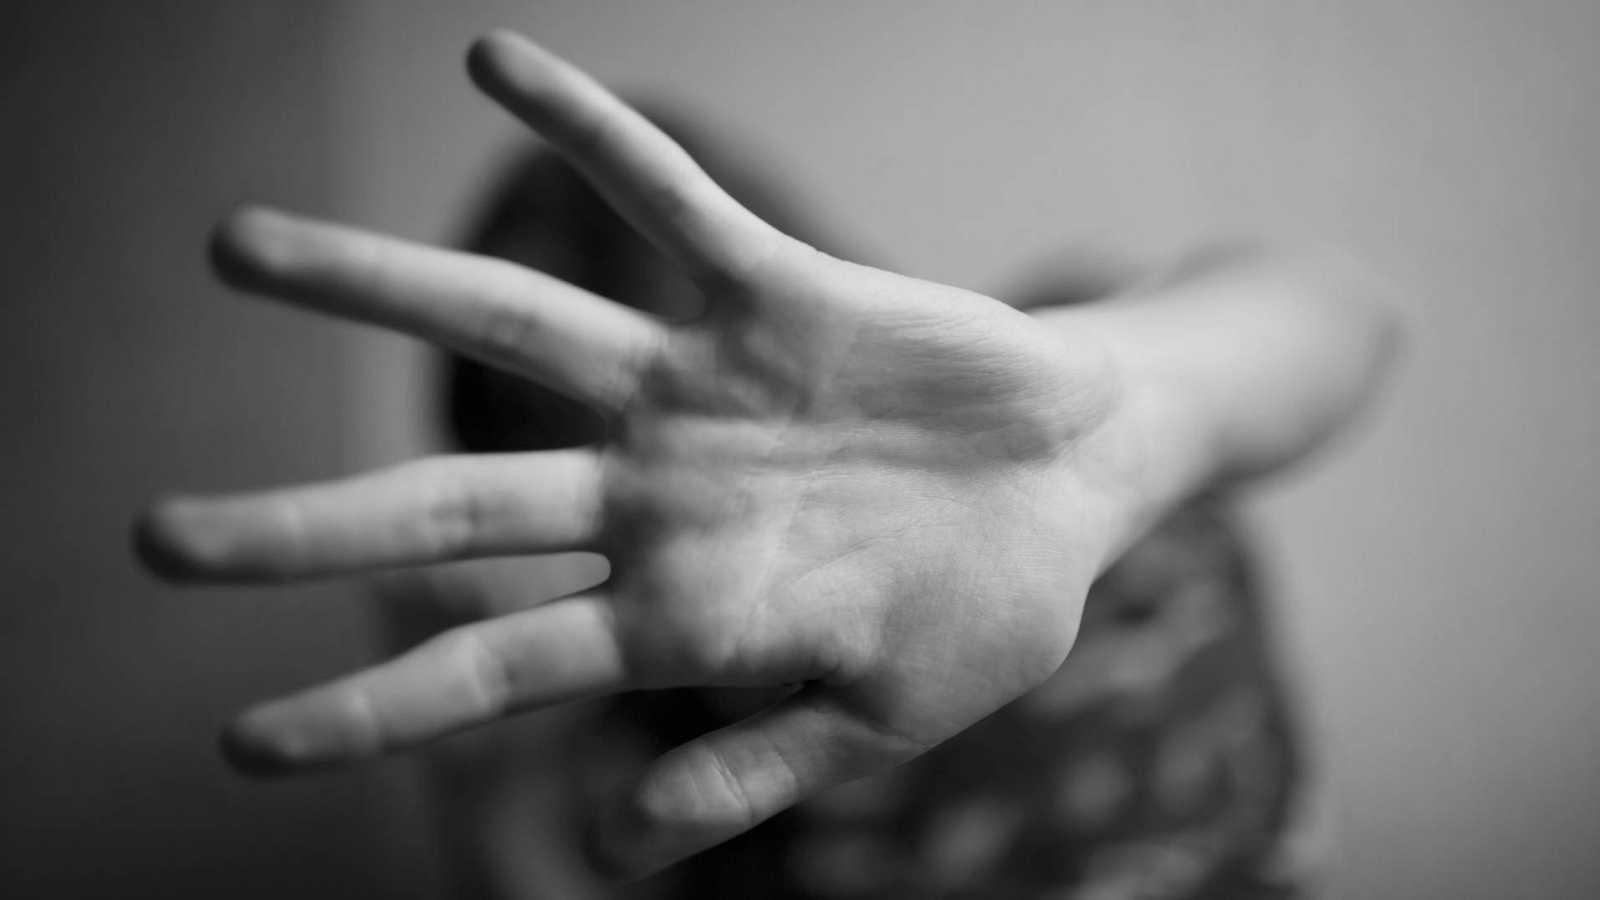 El secretario general de la ONU hace un llamamiento para proteger a las mujeres de la violencia machista durante el confinamiento